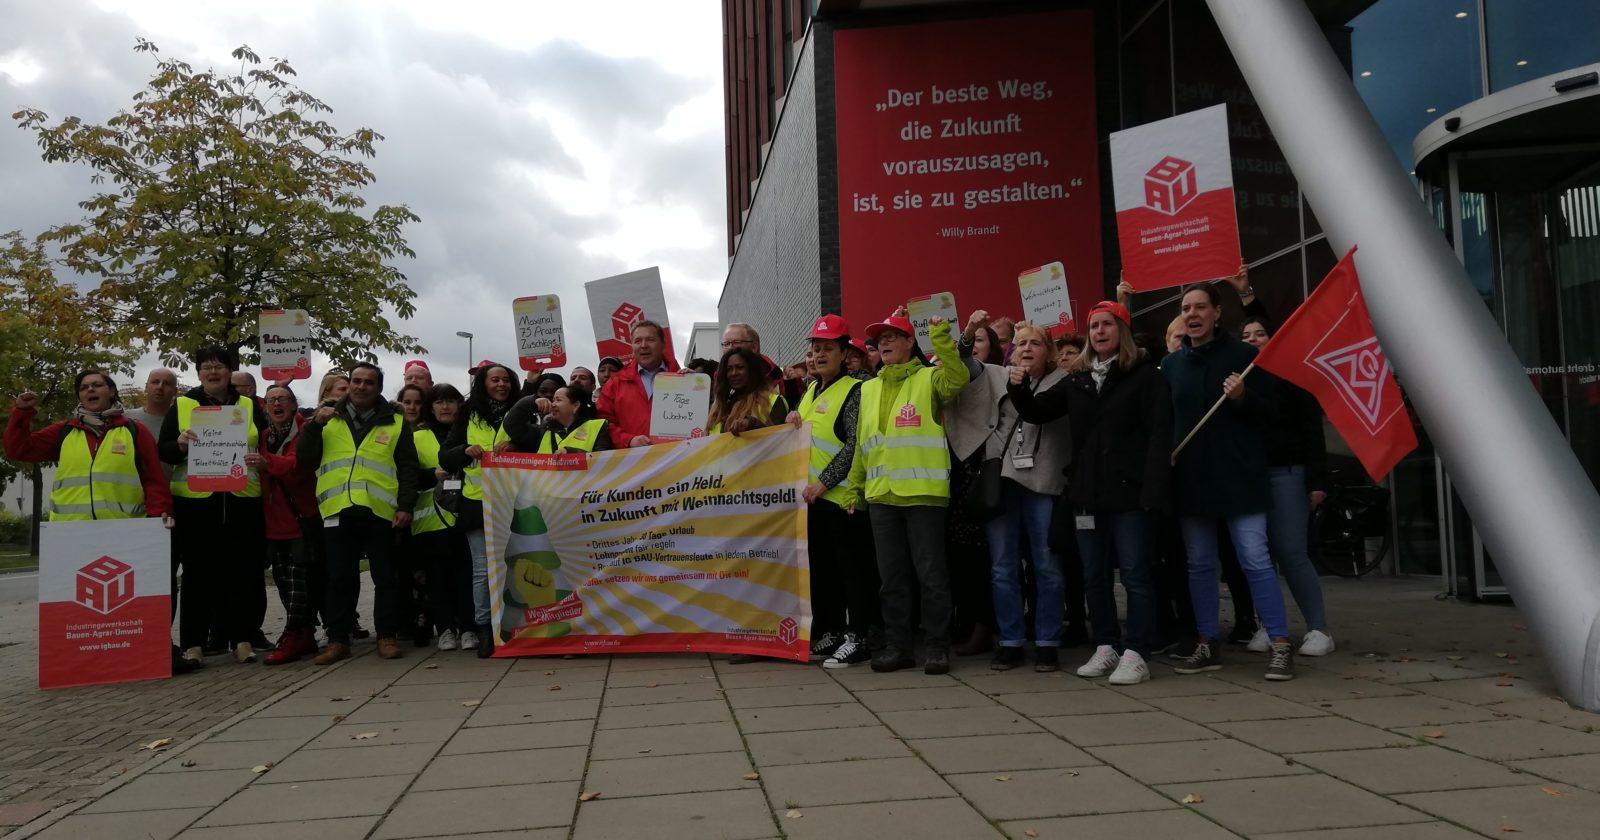 VIDEO: Warnstreik der Gebäudereiniger bei VW Wolfsburg – IG Metall Vertrauensleute und Betriebsräte unterstützen Beschäftigte der Gebäudereinigung.